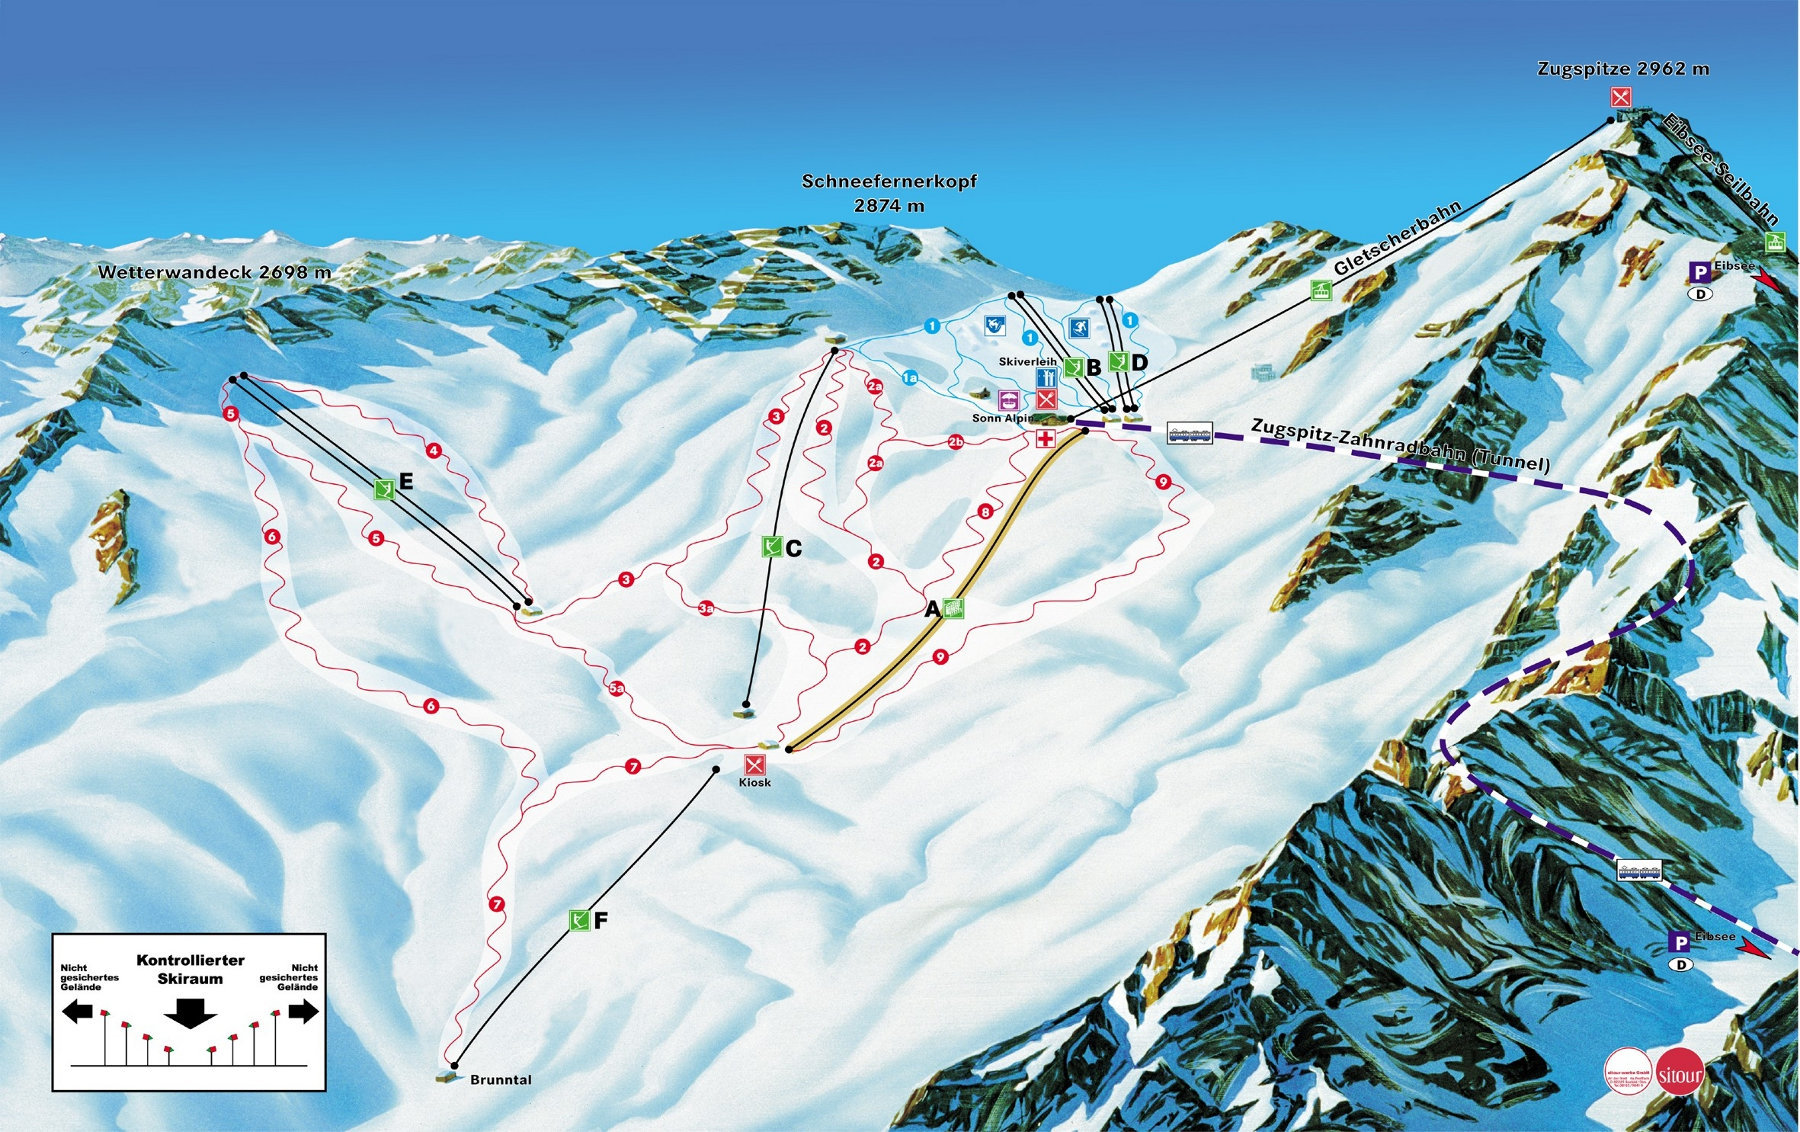 Lyžařská mapa sjezdovek areálu Zugspitze